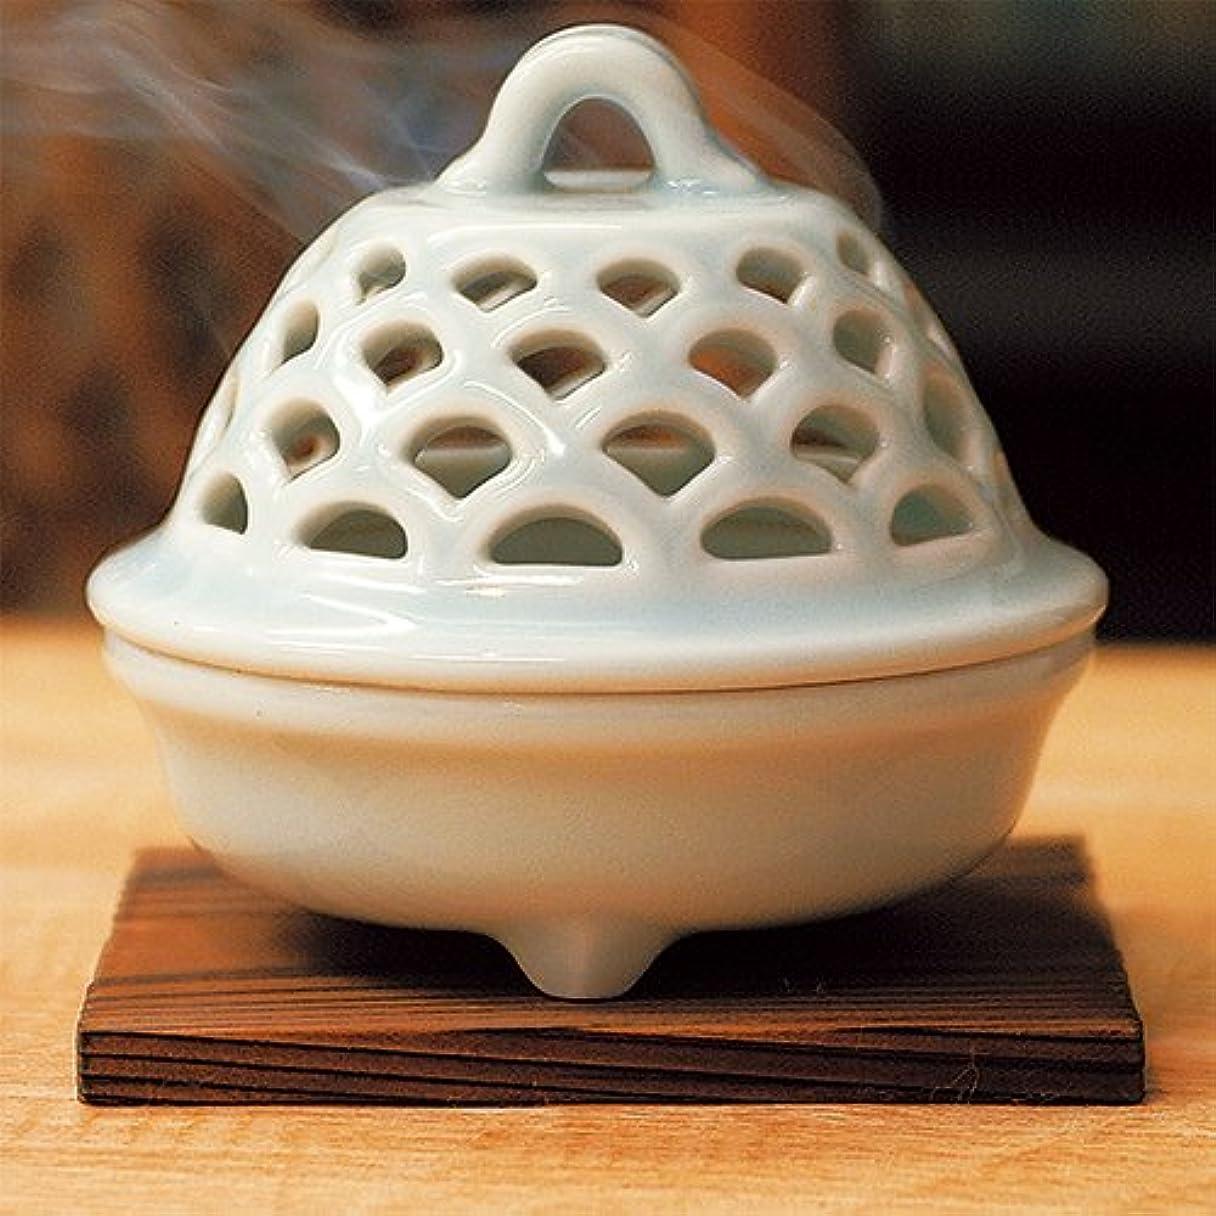 融合シャンプー活気づく香炉 青磁 透し彫り 香炉 [R9.5xH9cm] プレゼント ギフト 和食器 かわいい インテリア